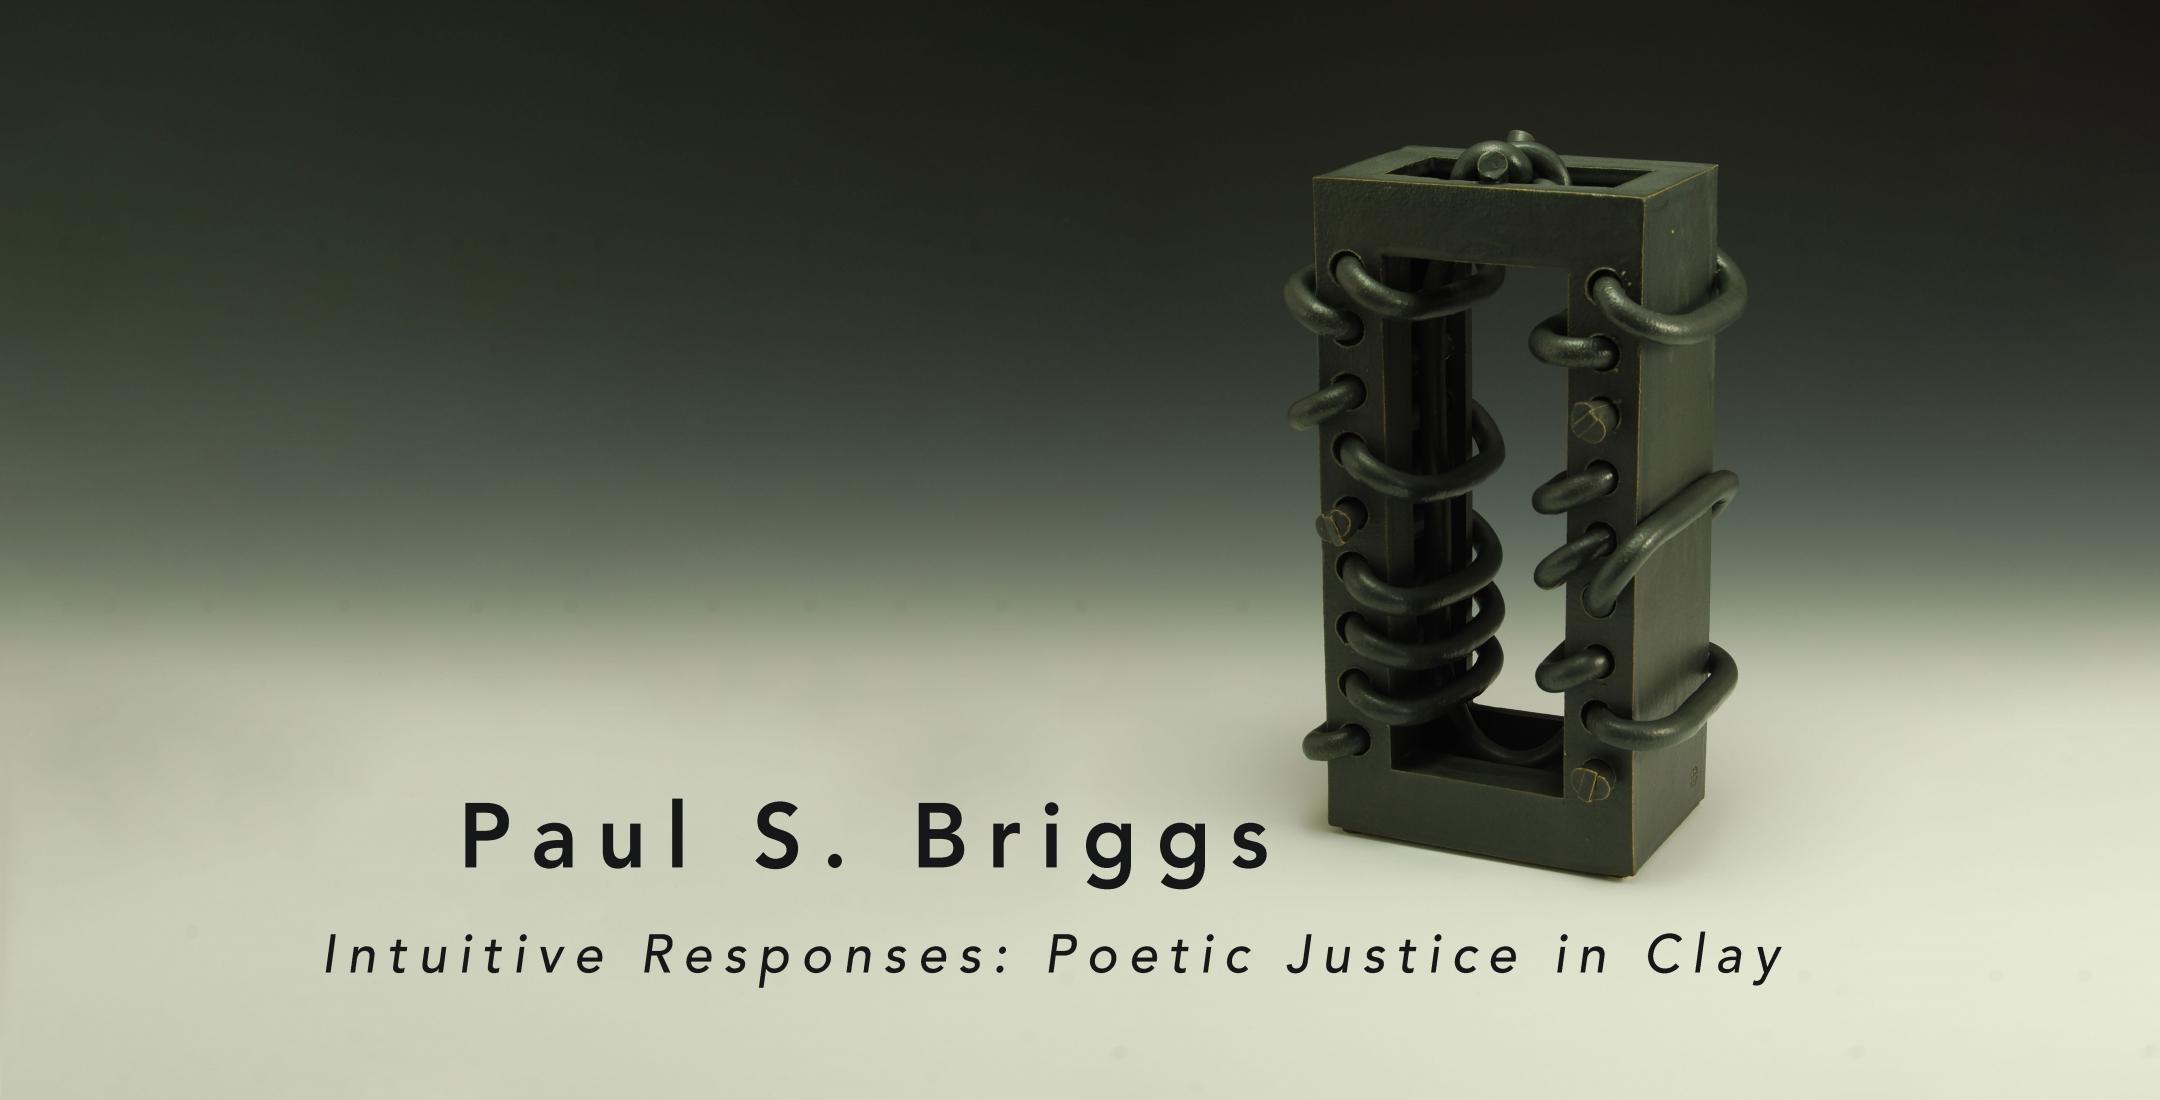 Paul S. Briggs